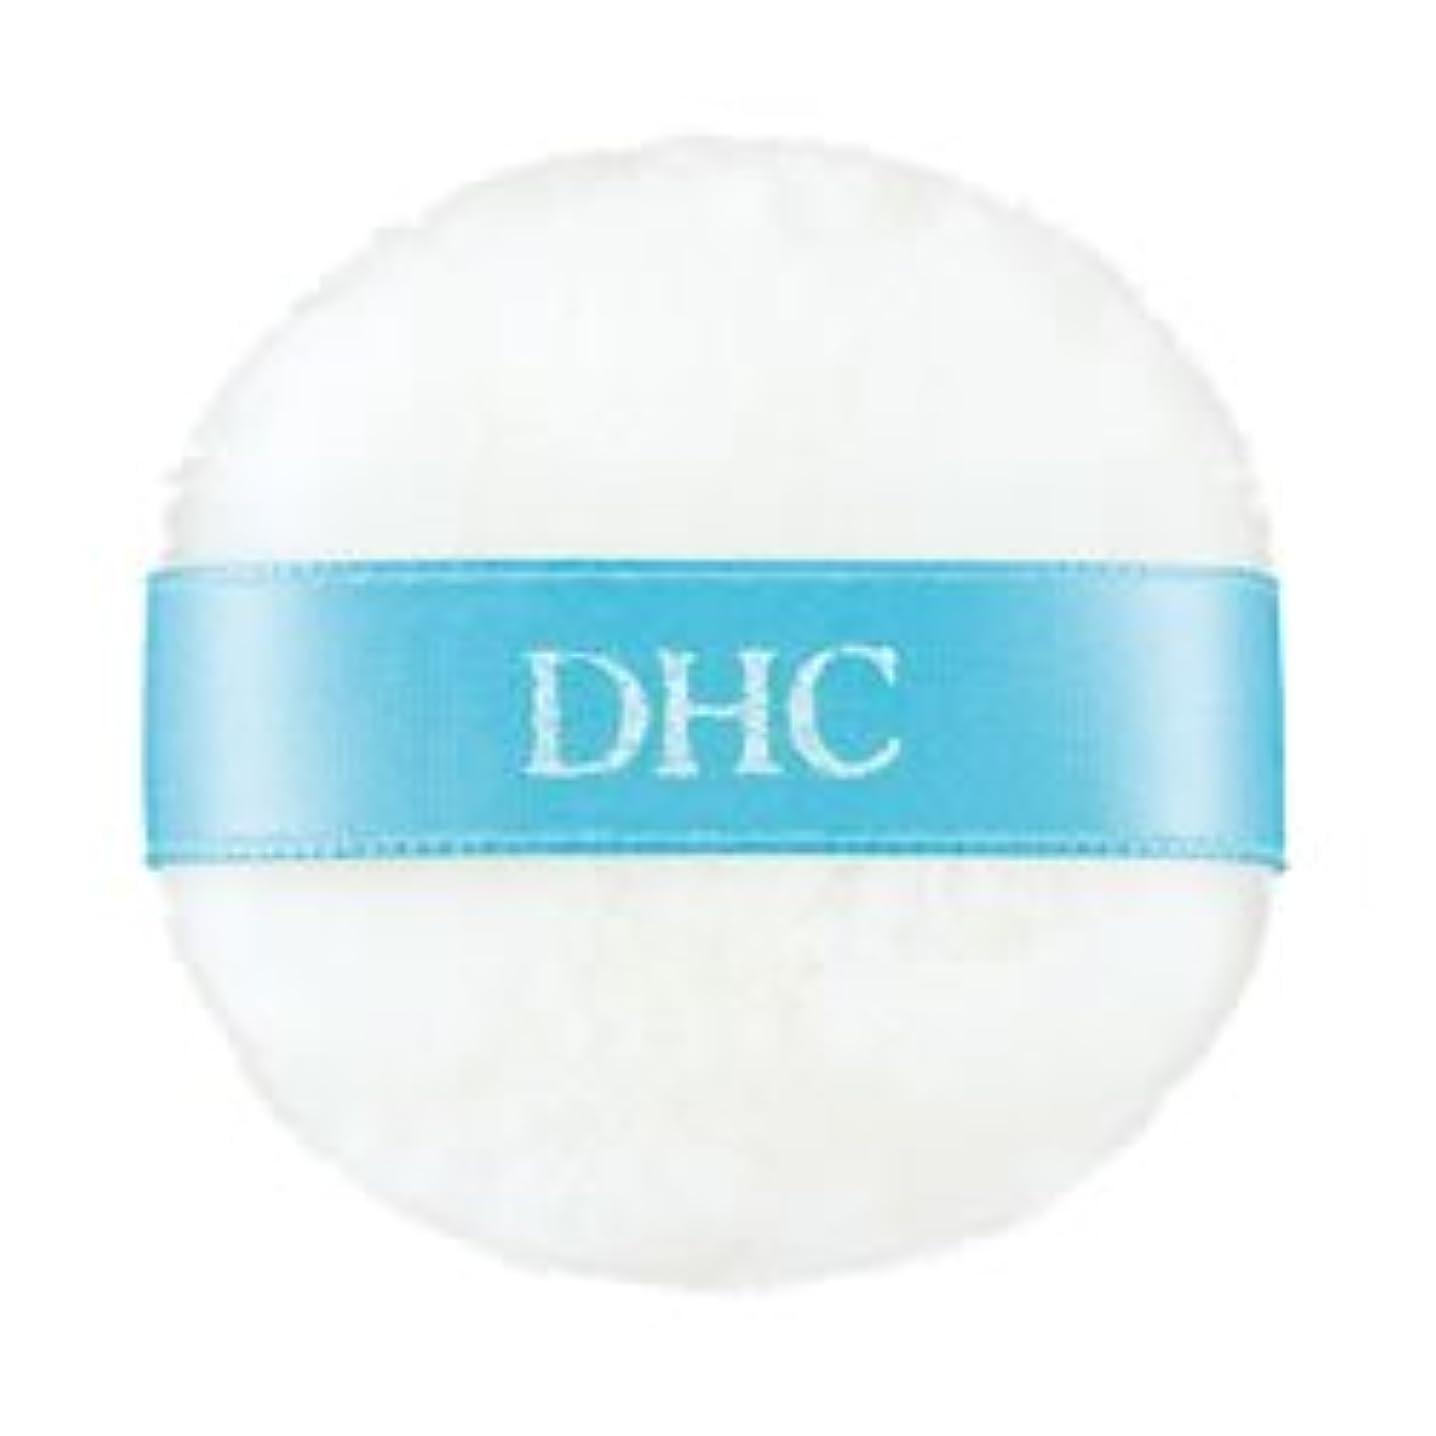 鉛特性意図的DHCメークアップパフJ